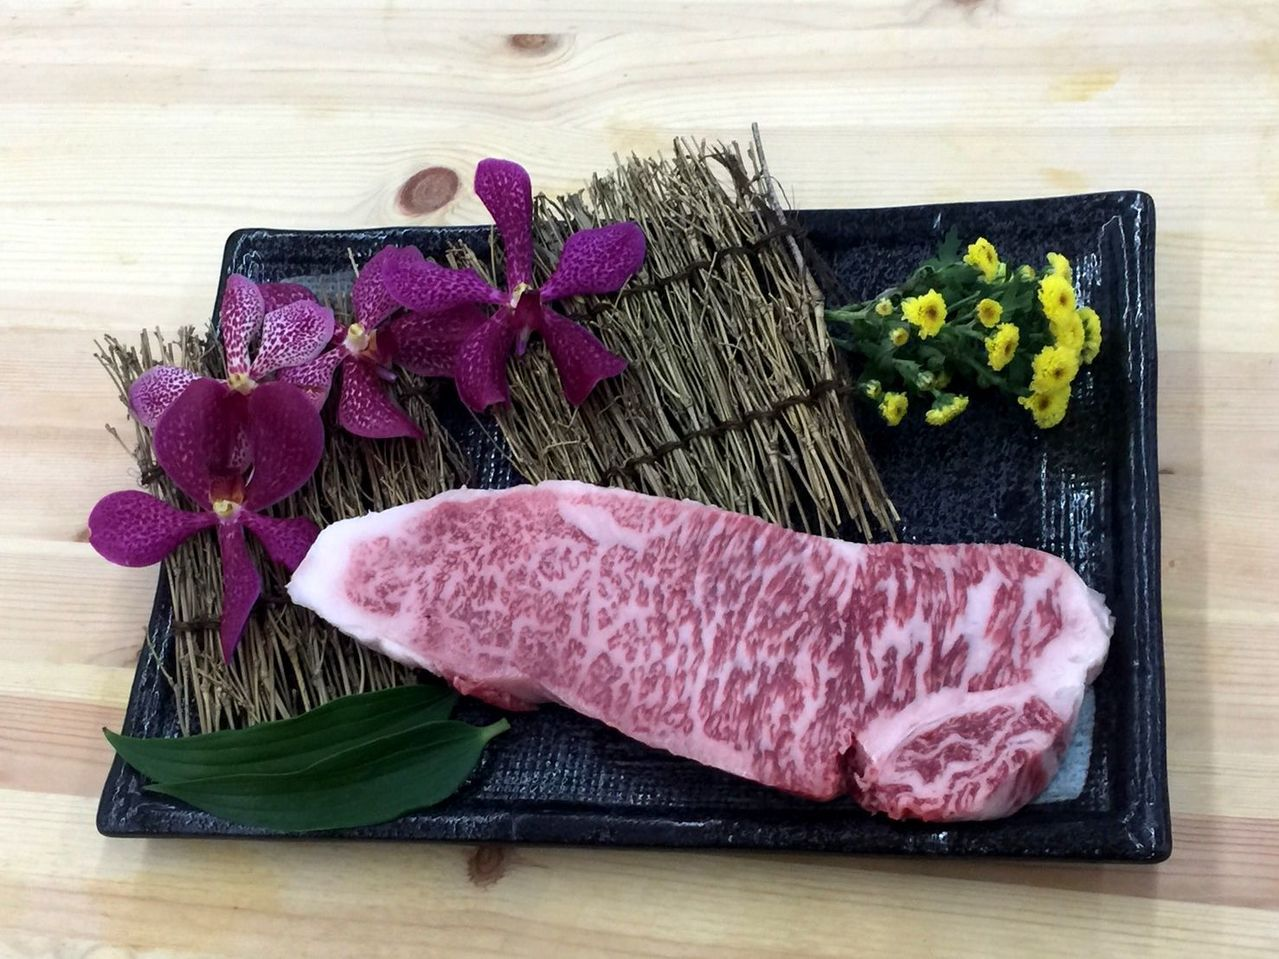 看準台灣高級牛肉消費市場,日本京都有半世紀歷史的名店「銀閣寺大西」首度來台展店,...